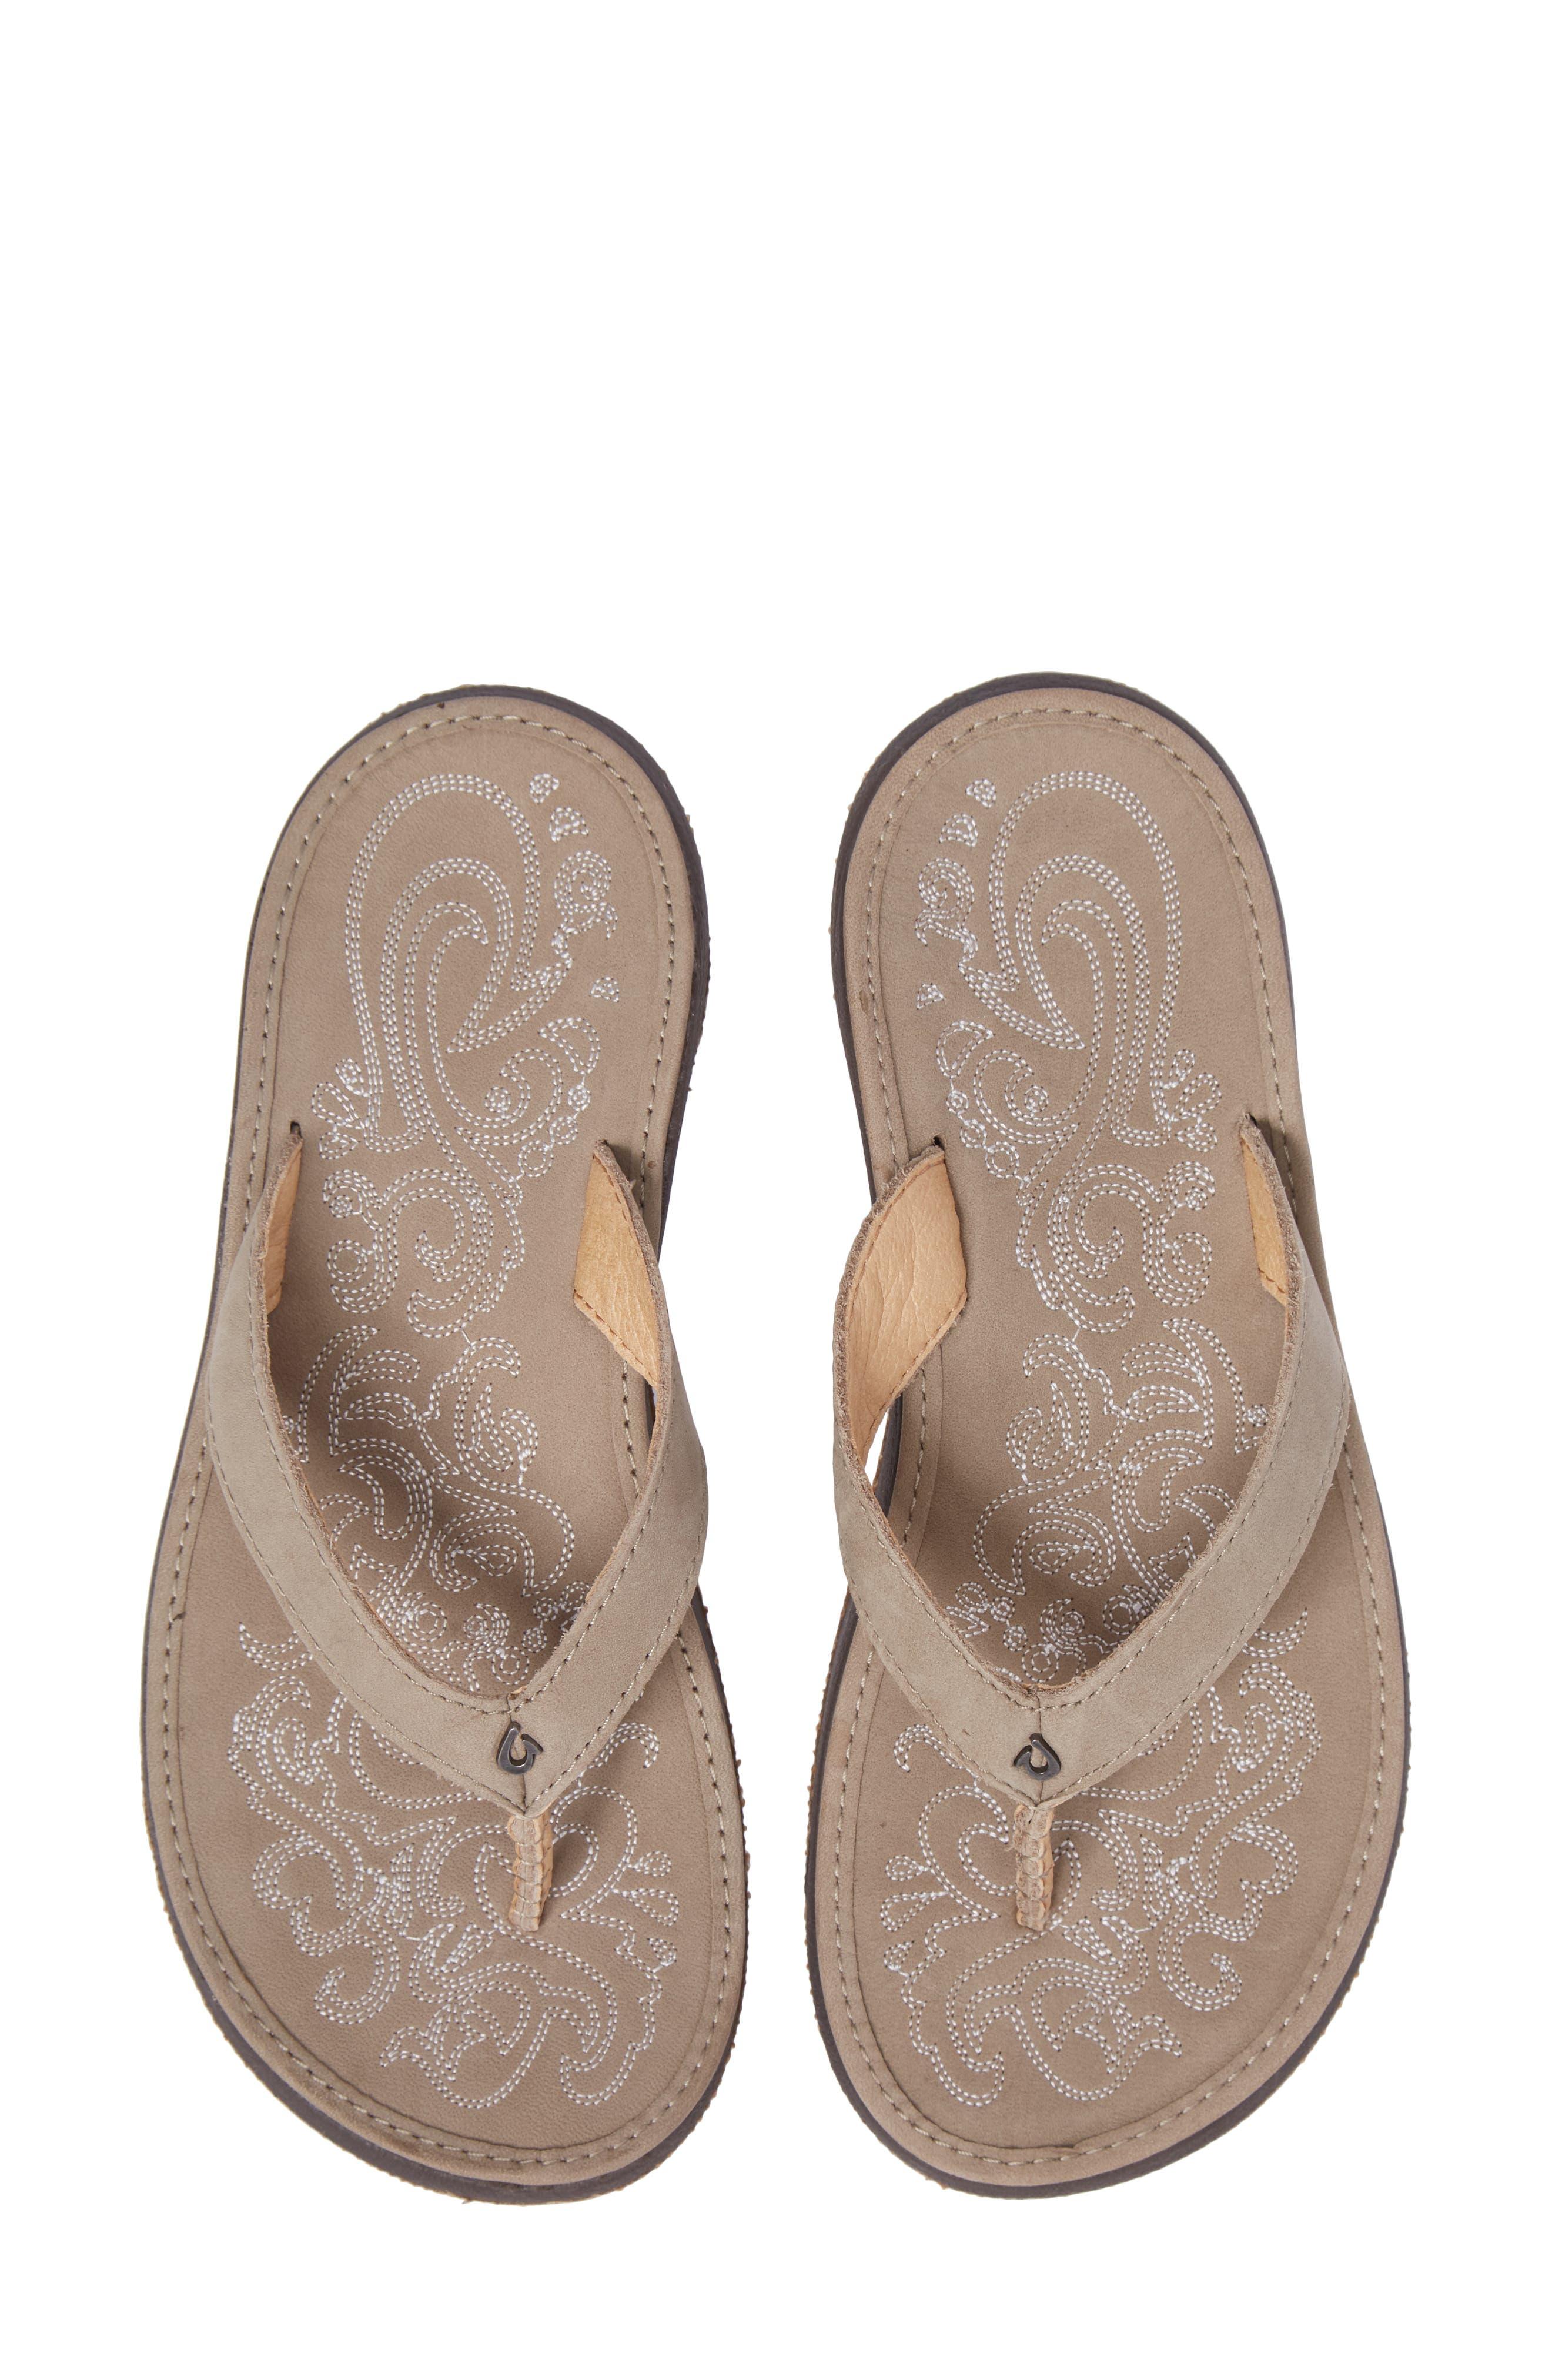 OLUKAI,                             'Paniolo' Thong Sandal,                             Alternate thumbnail 5, color,                             TAUPE/ TAUPE LEATHER